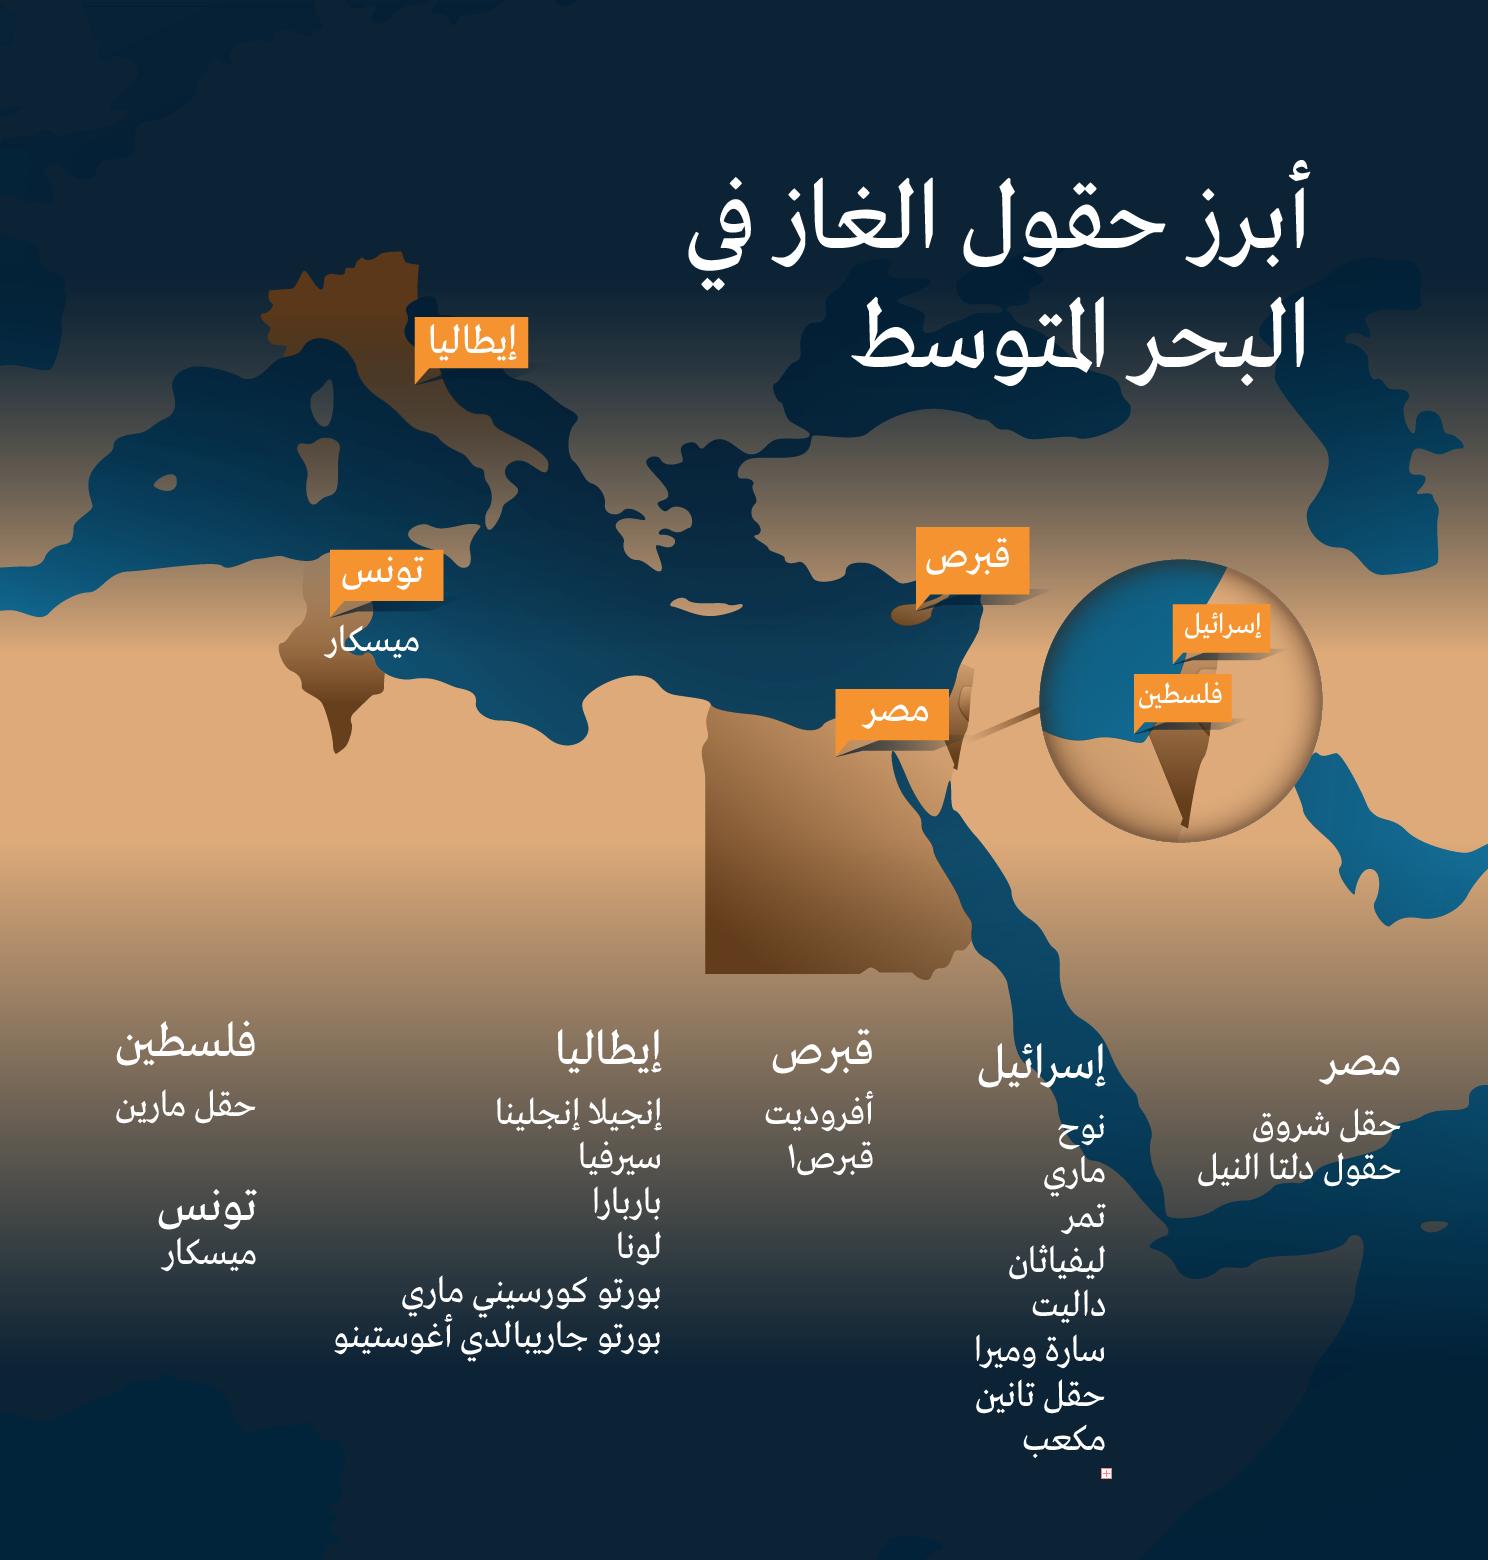 هذه هي أبرز حقول الغاز في البحر المتوسط